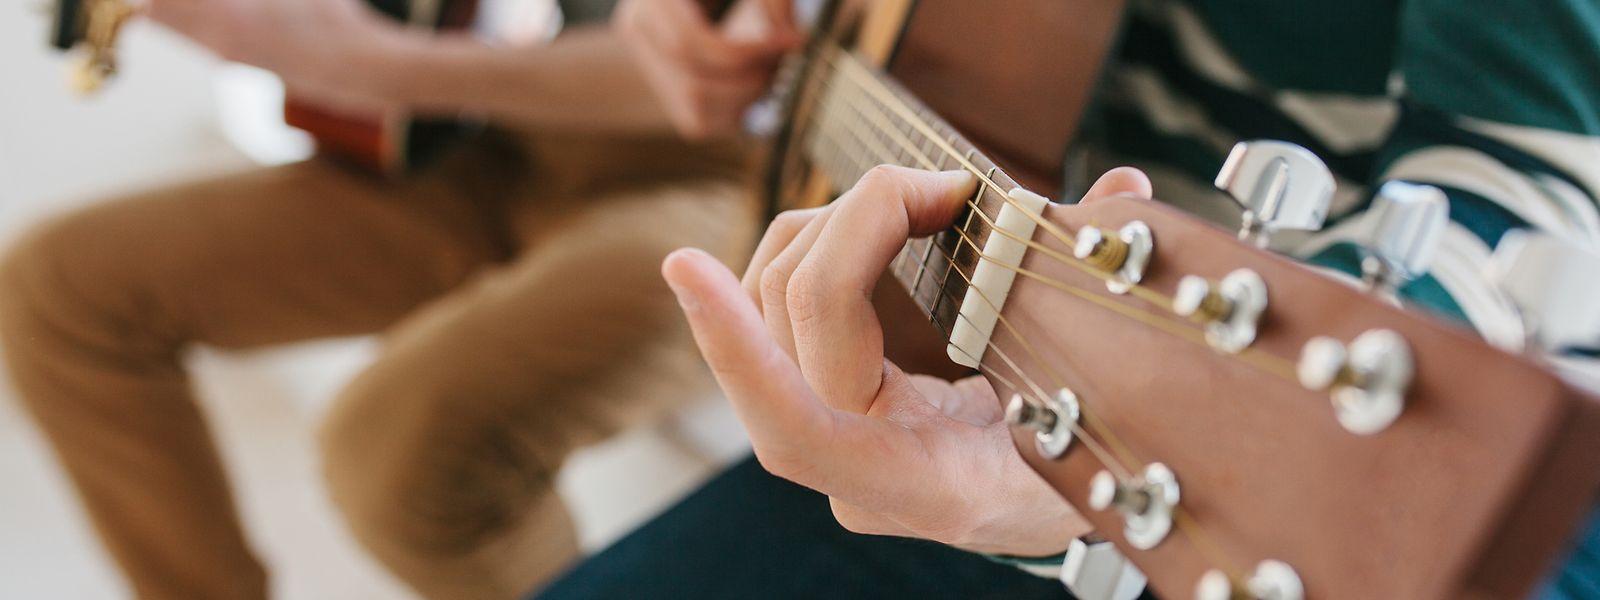 Erst sollen die Schüler mit Behinderung an die Musik herangeführt werden. Später sollen sie alleine oder in der Gruppe ein Instrument lernen können.